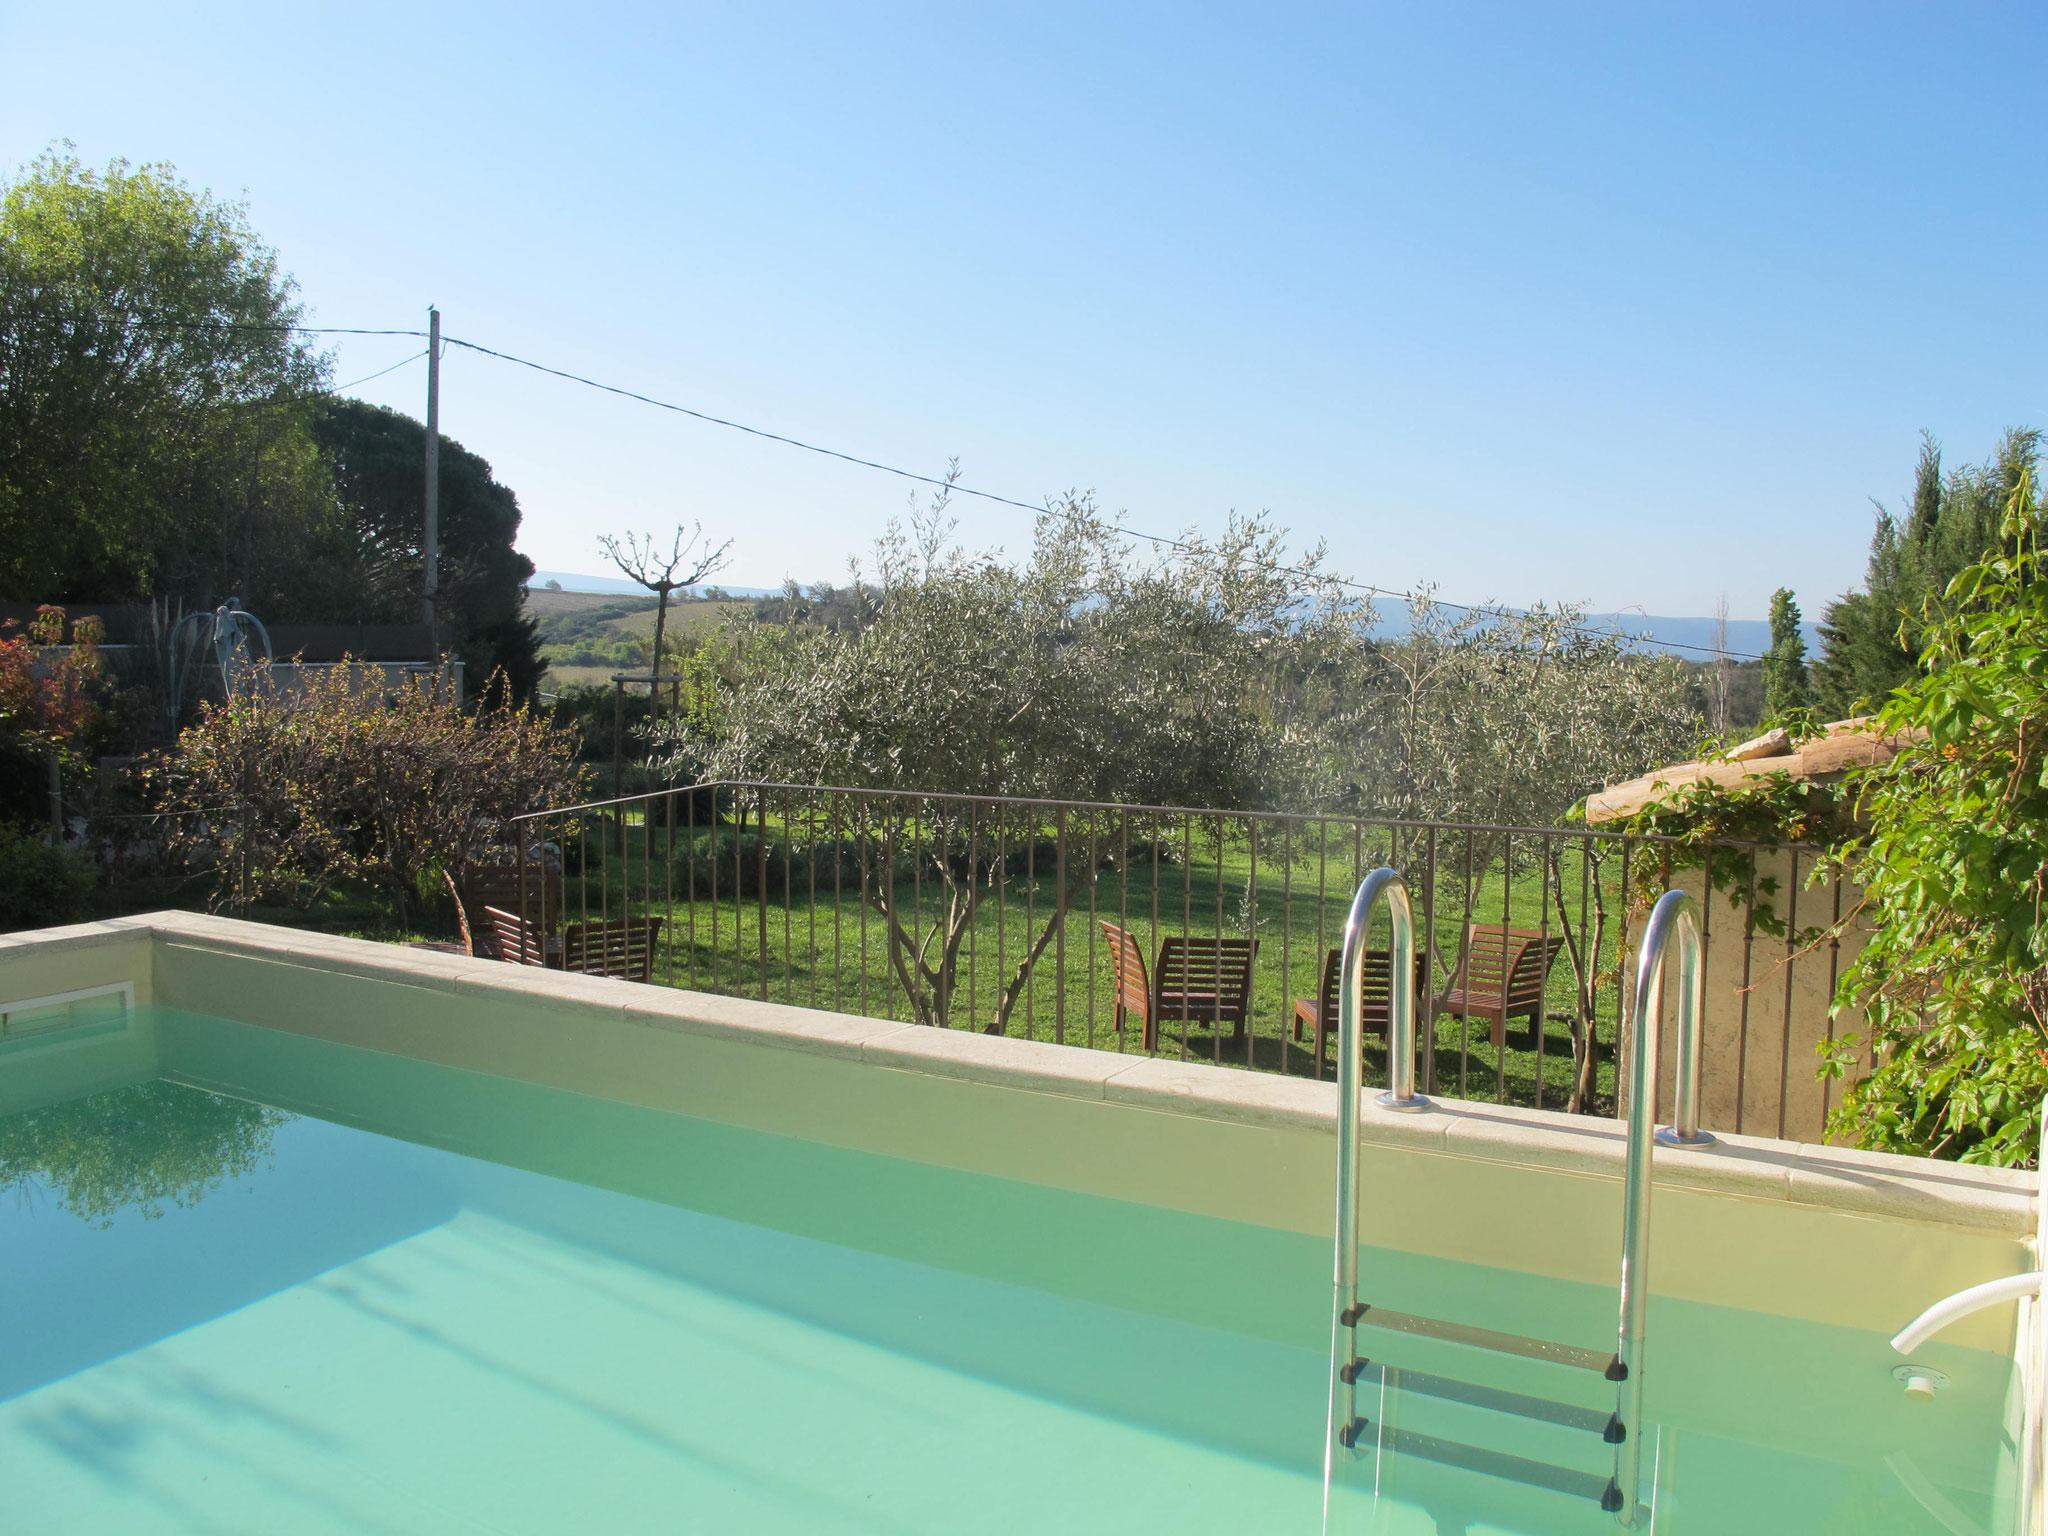 loucardaline-bedoin-ventoux-chambre d hotes-vaucluse-vacances-jardin-piscine